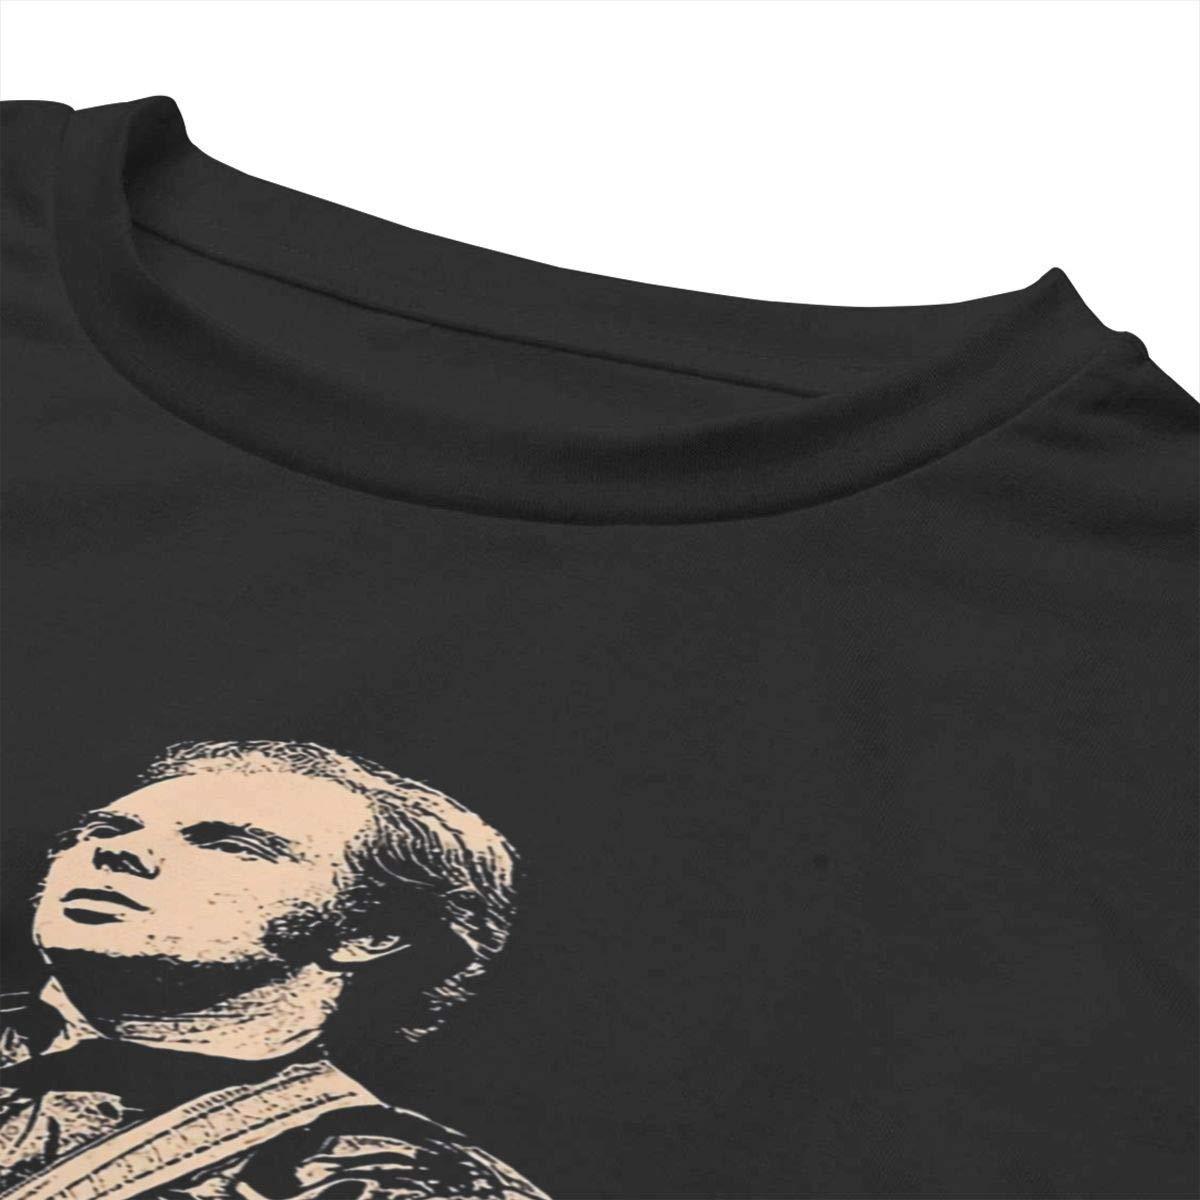 Van Morrison Shirt Crop Top Summer Dew Navel T Shirt Womens